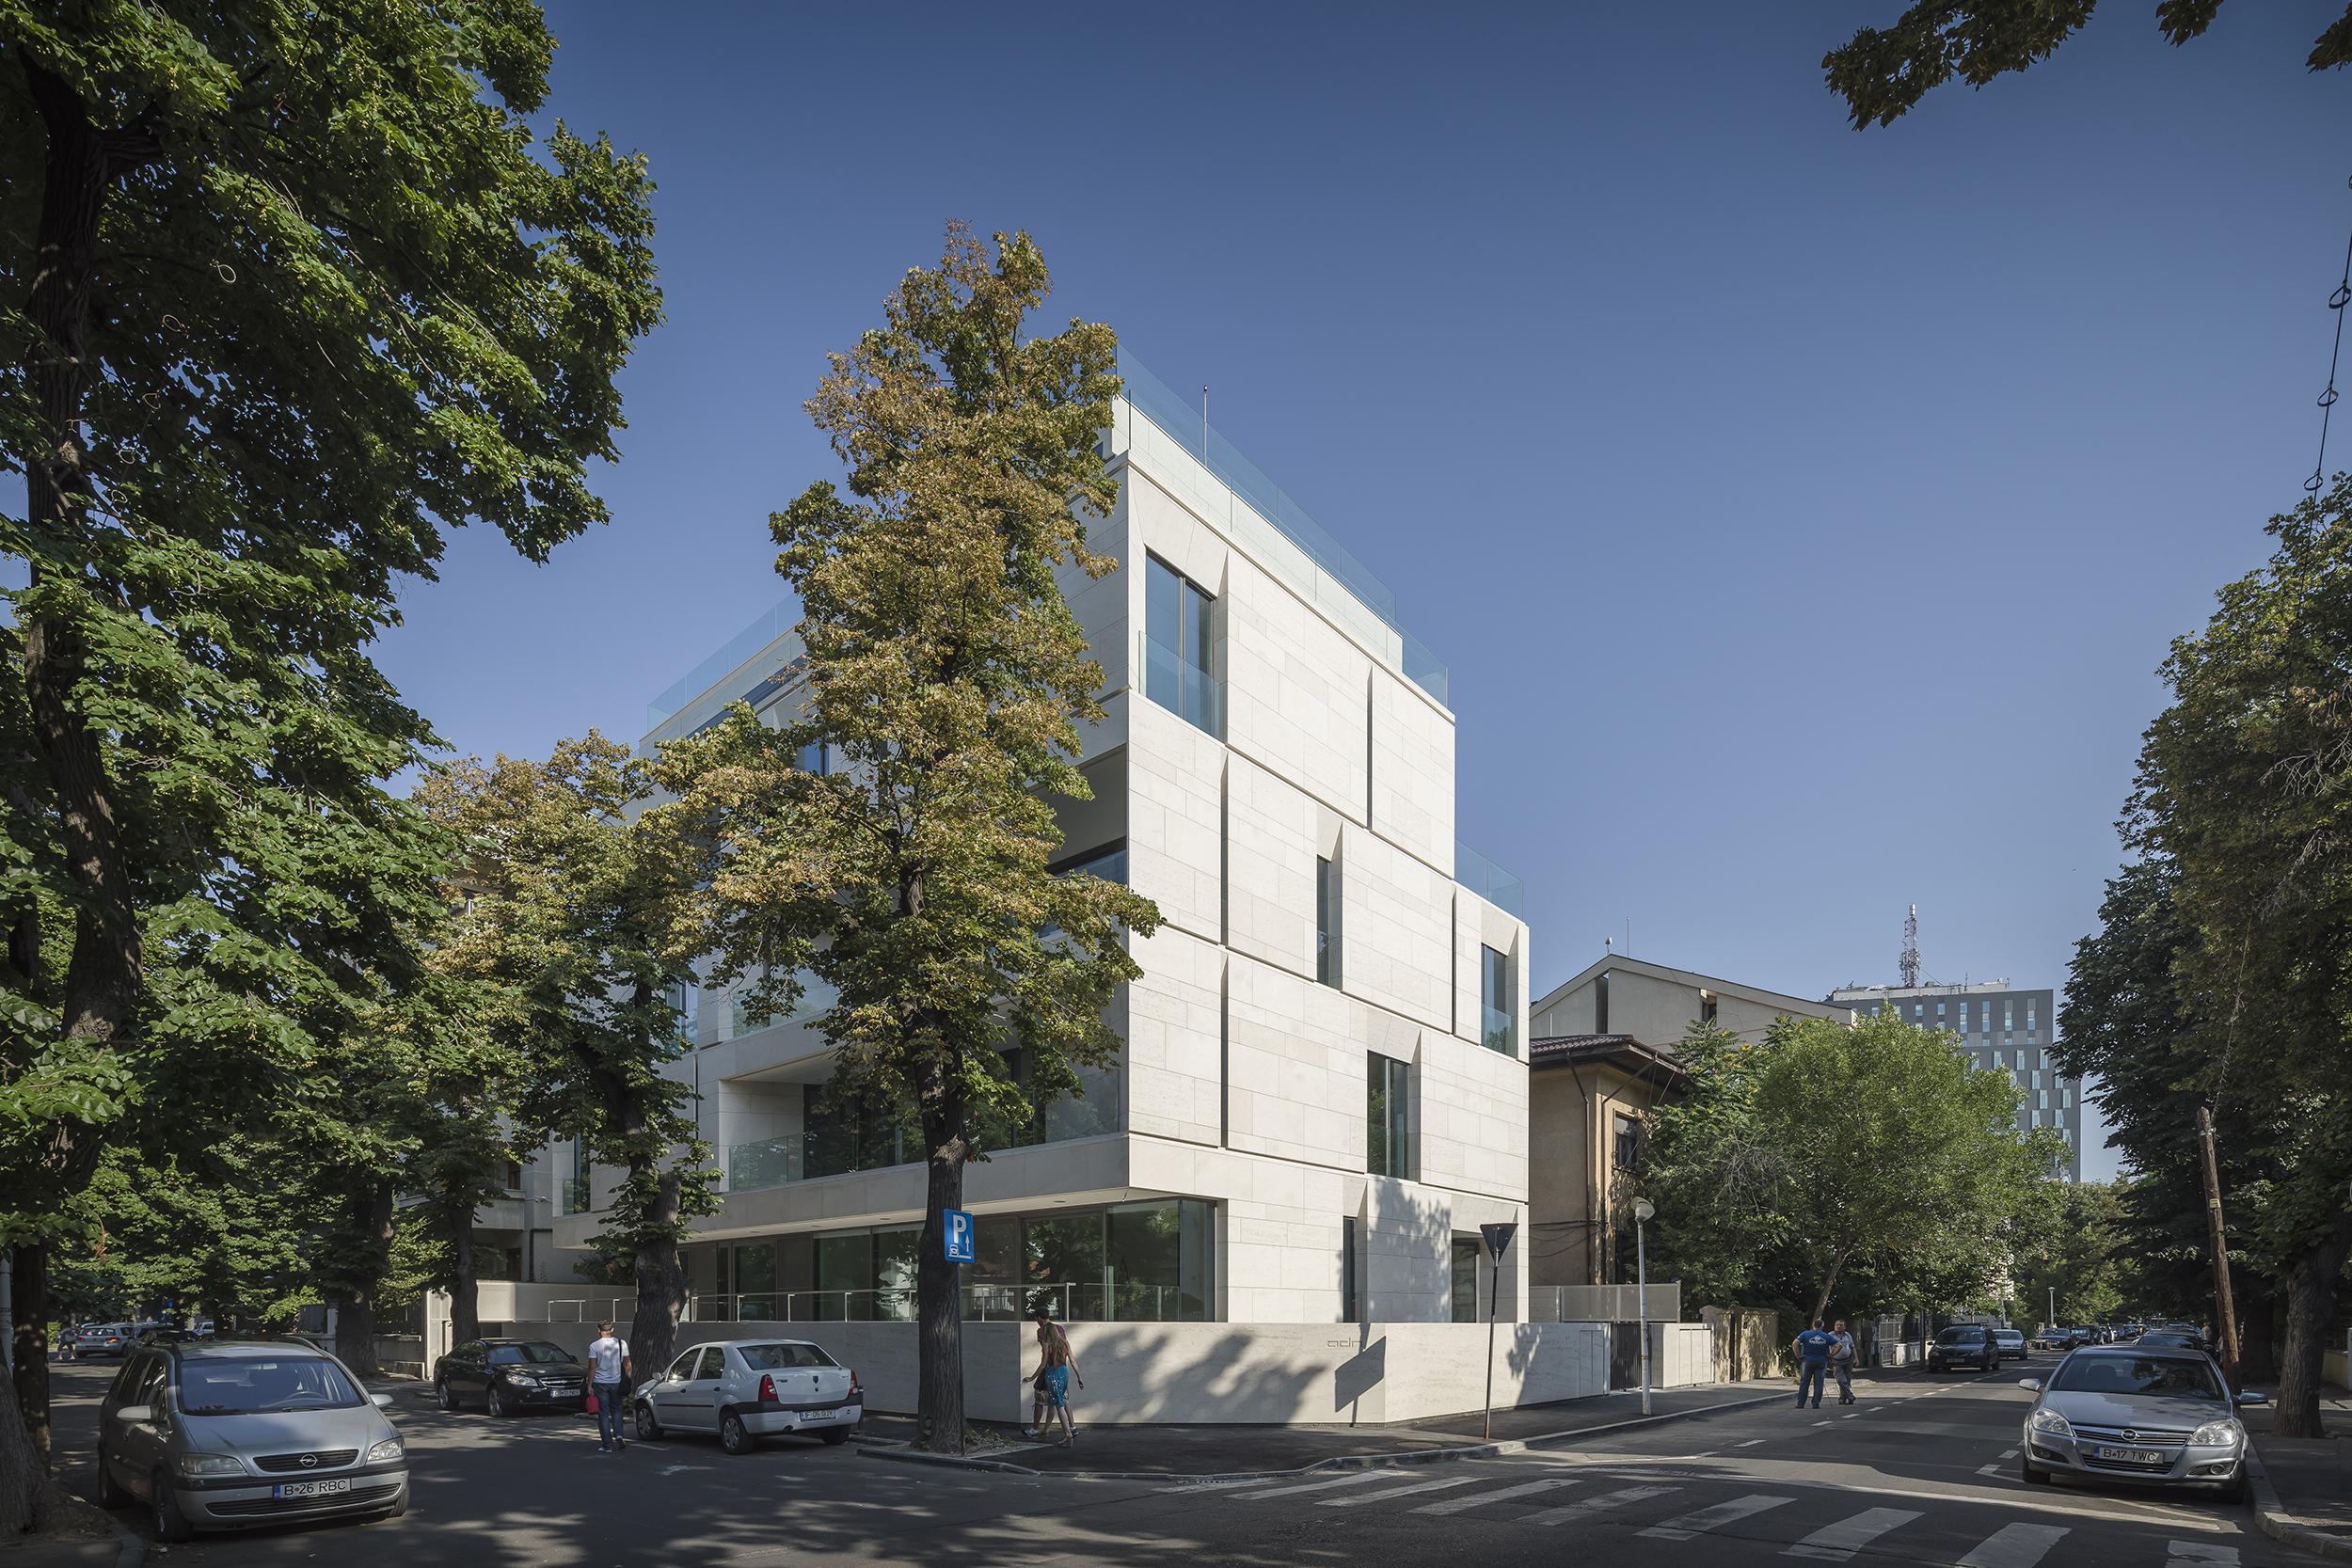 MORA Residential Building - Nominalizarile pentru Premiile Romanian Building Awards - premii de recunoastere publica a excelentei in proiectarea si executia spatiului construit din Romania